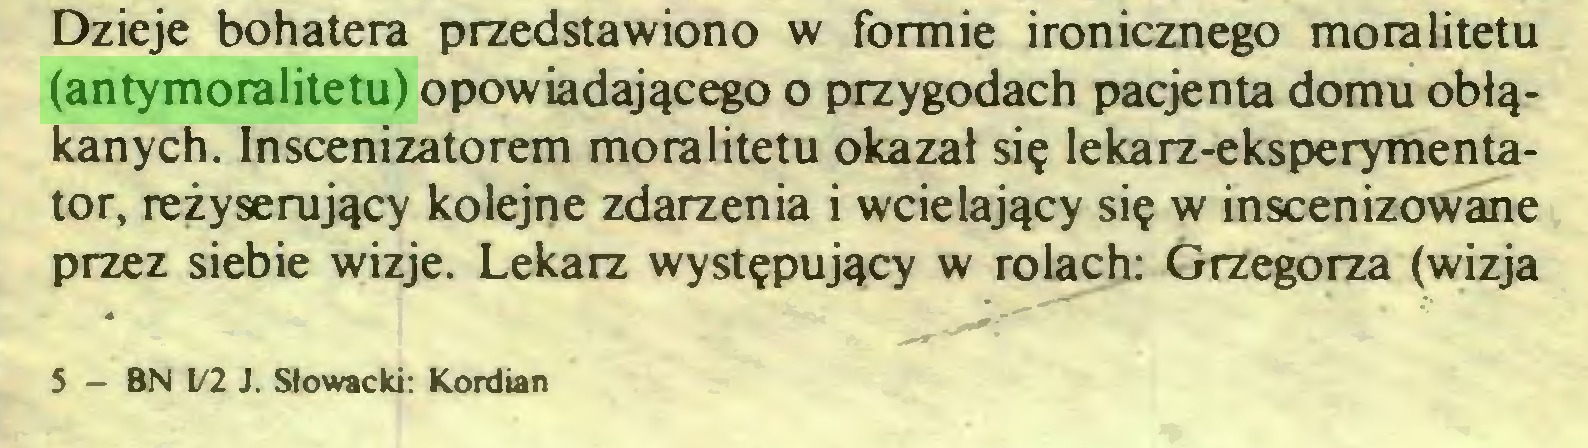 (...) Dzieje bohatera przedstawiono w formie ironicznego moralitetu (antymoralitetu) opowiadającego o przygodach pacjenta domu obłąkanych. Inscenizatorem moralitetu okazał się lekarz-eksperymentator, reżyserujący kolejne zdarzenia i wcielający się w inscenizowane przez siebie wizje. Lekarz występujący w rolach: Grzegorza (wizja 5 — BN 1/2 J. Słowacki: Kordian...